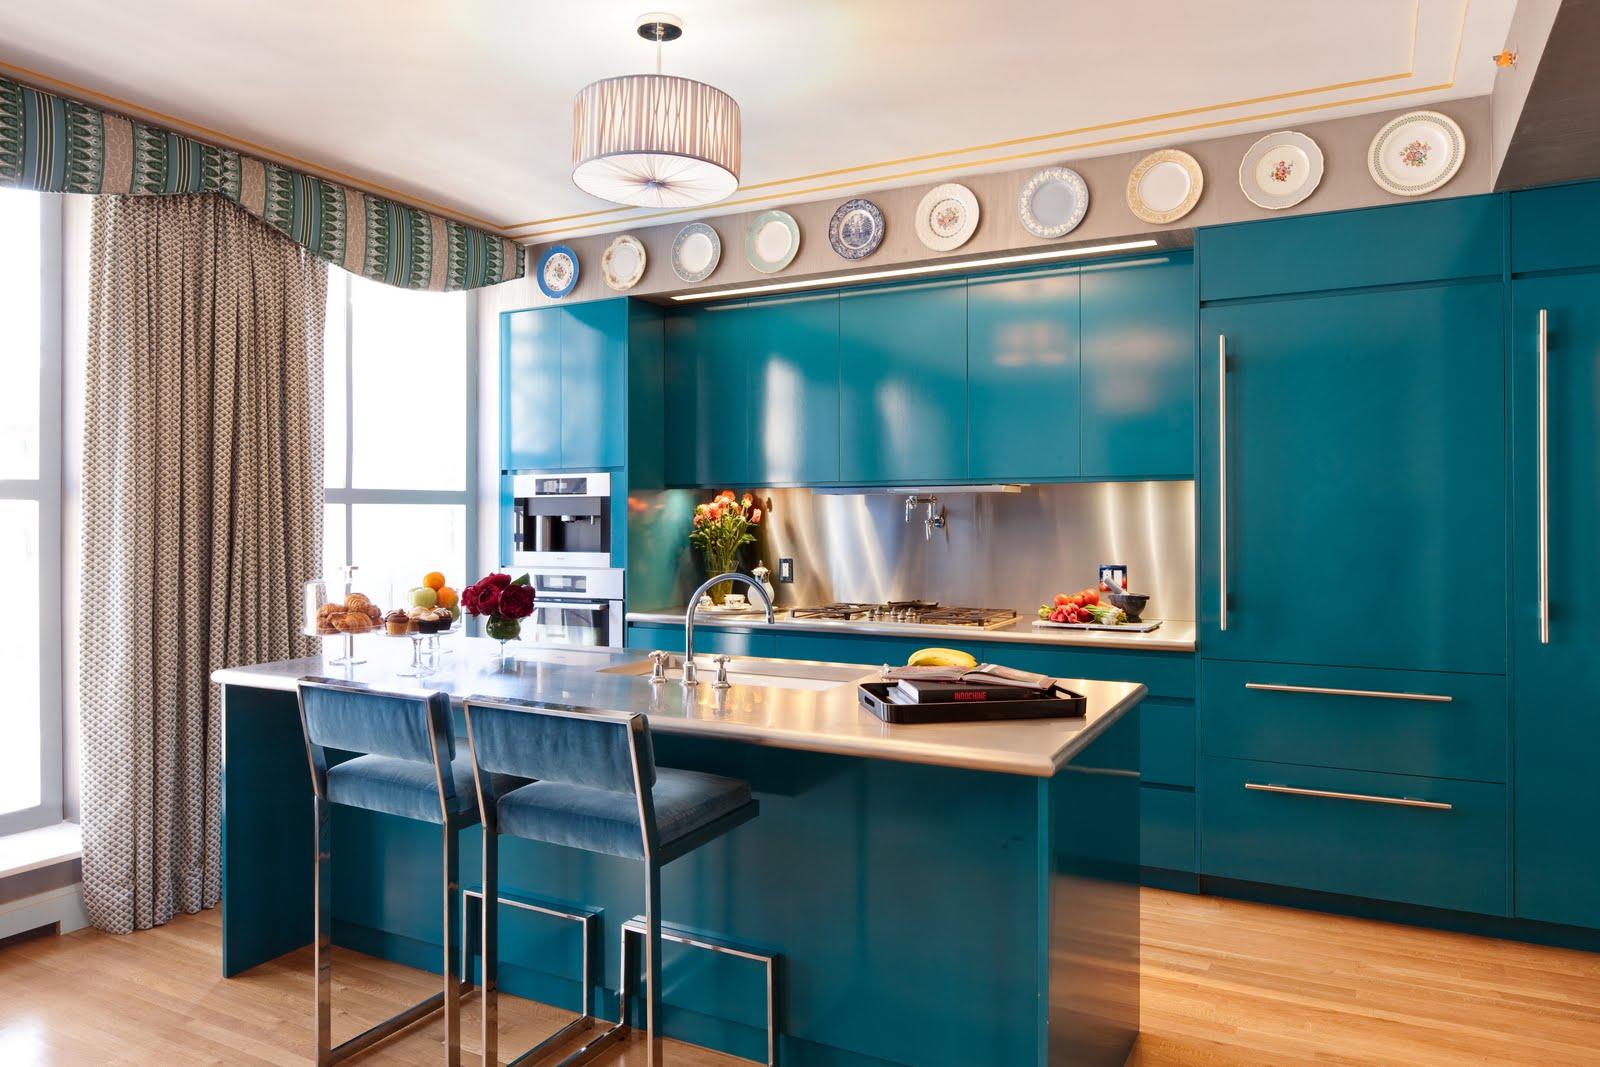 ensemble-de-cuisine-bleu-armoires-plafond-plat-rideaux-simples-fenetres-cadre-blanc-table-en-bois-plateau-marmer-inoxydable-chaise-bleu-parquet